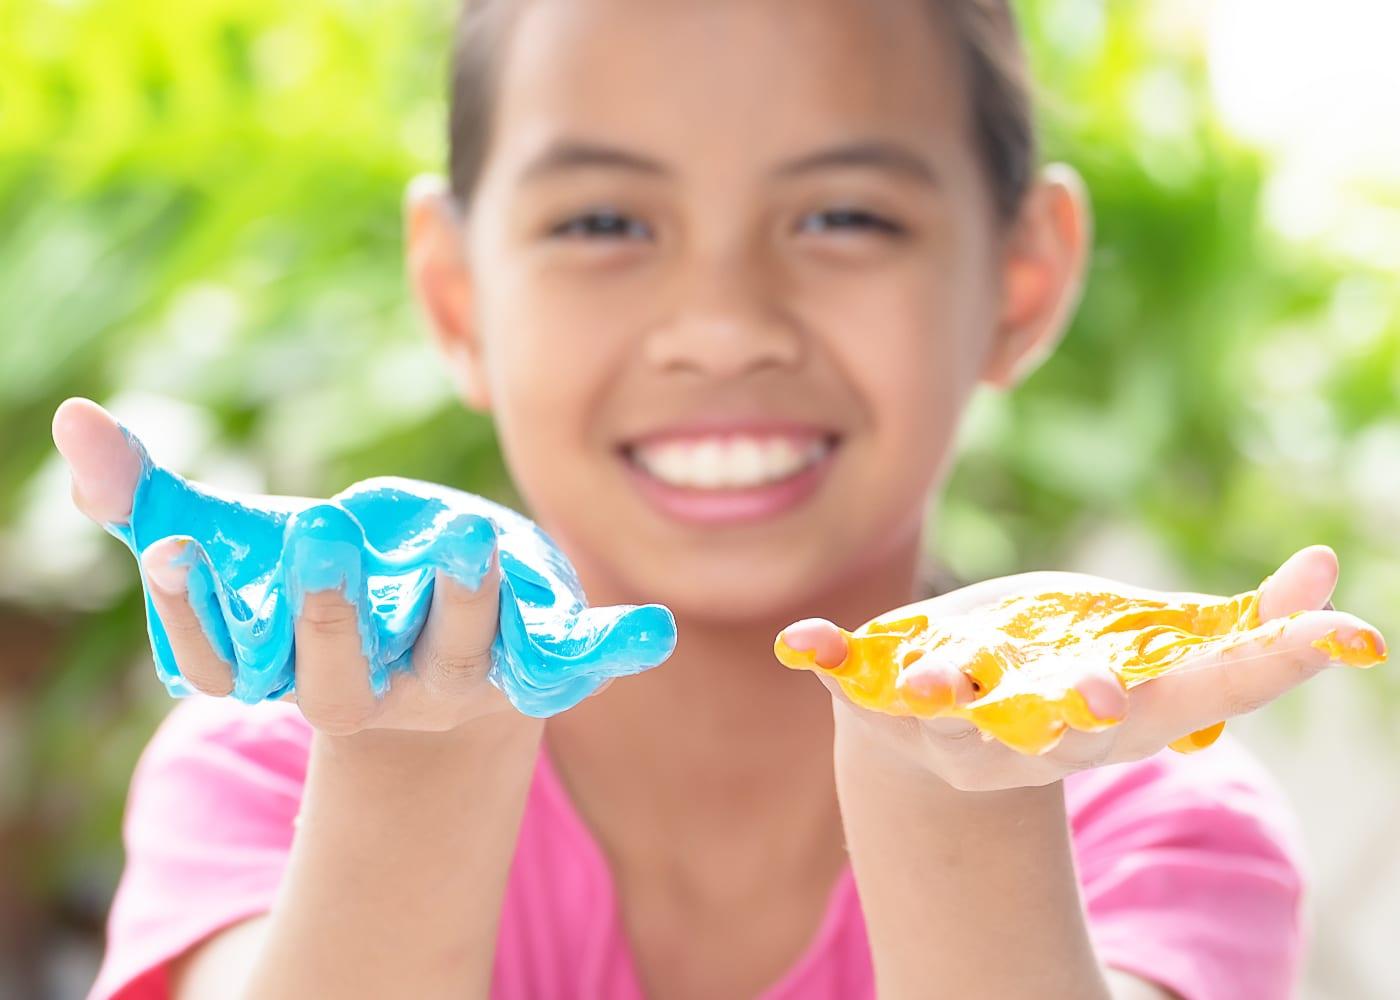 How to make slime and playdough for sensory play